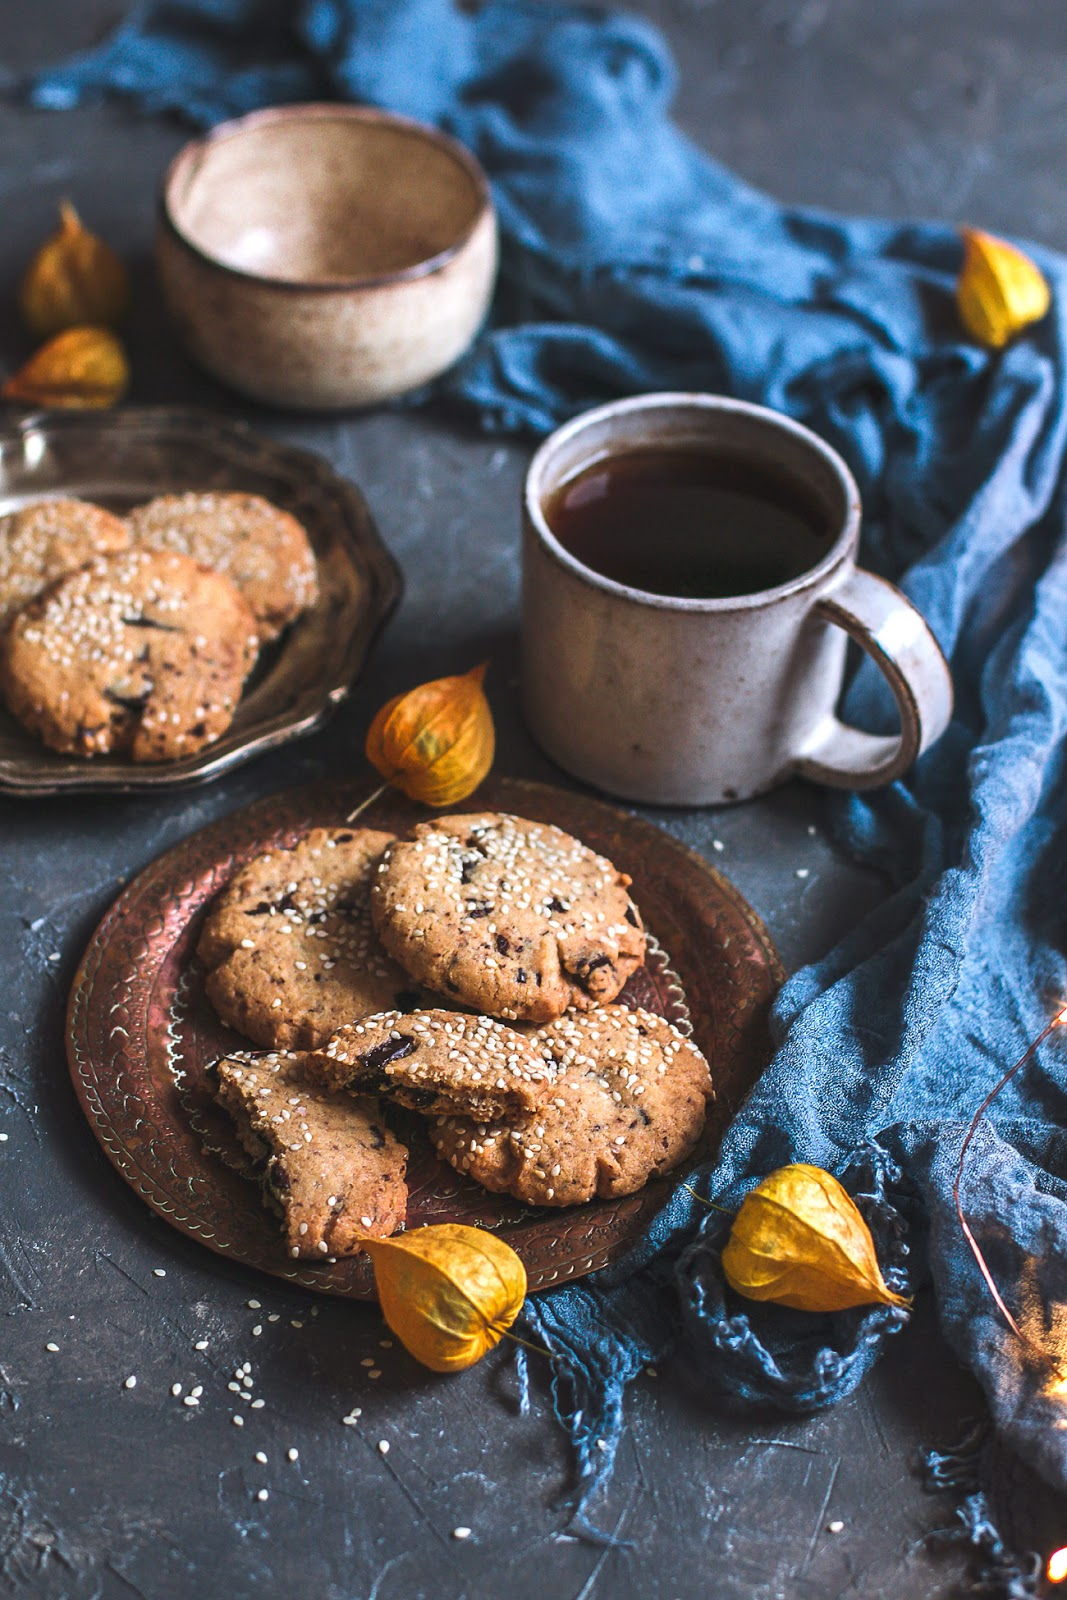 kruche ciastka sezamowe z tahiną i czekoladą